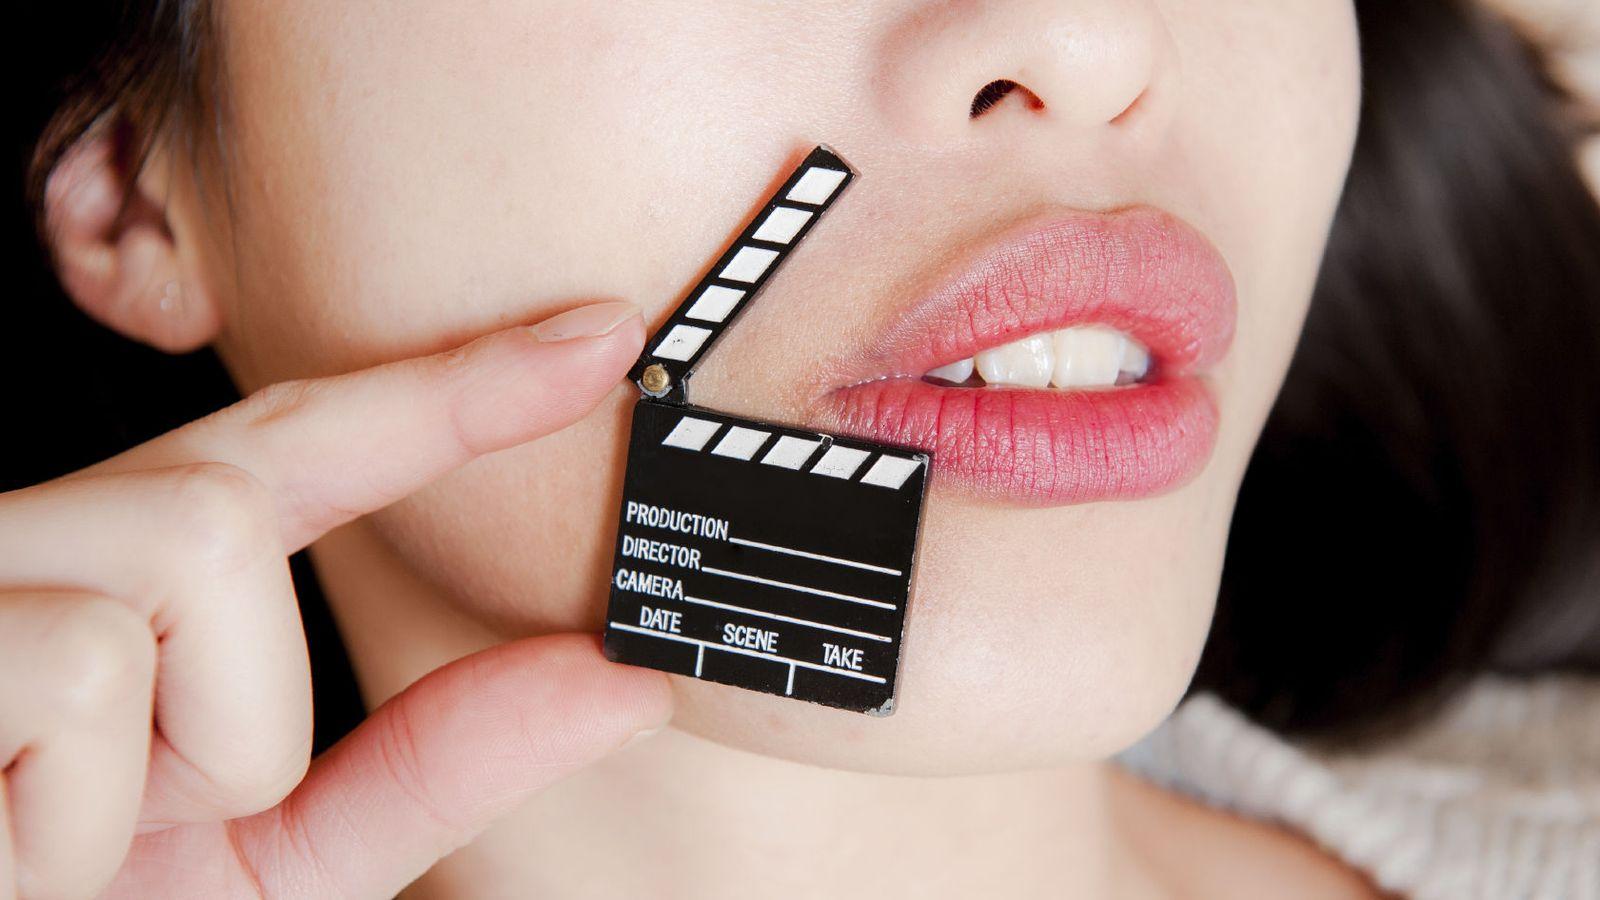 Actrices Porno.que Se Pasaron Al Cine Normal relaciones sexuales: las mentiras del porno: cinco cosas que